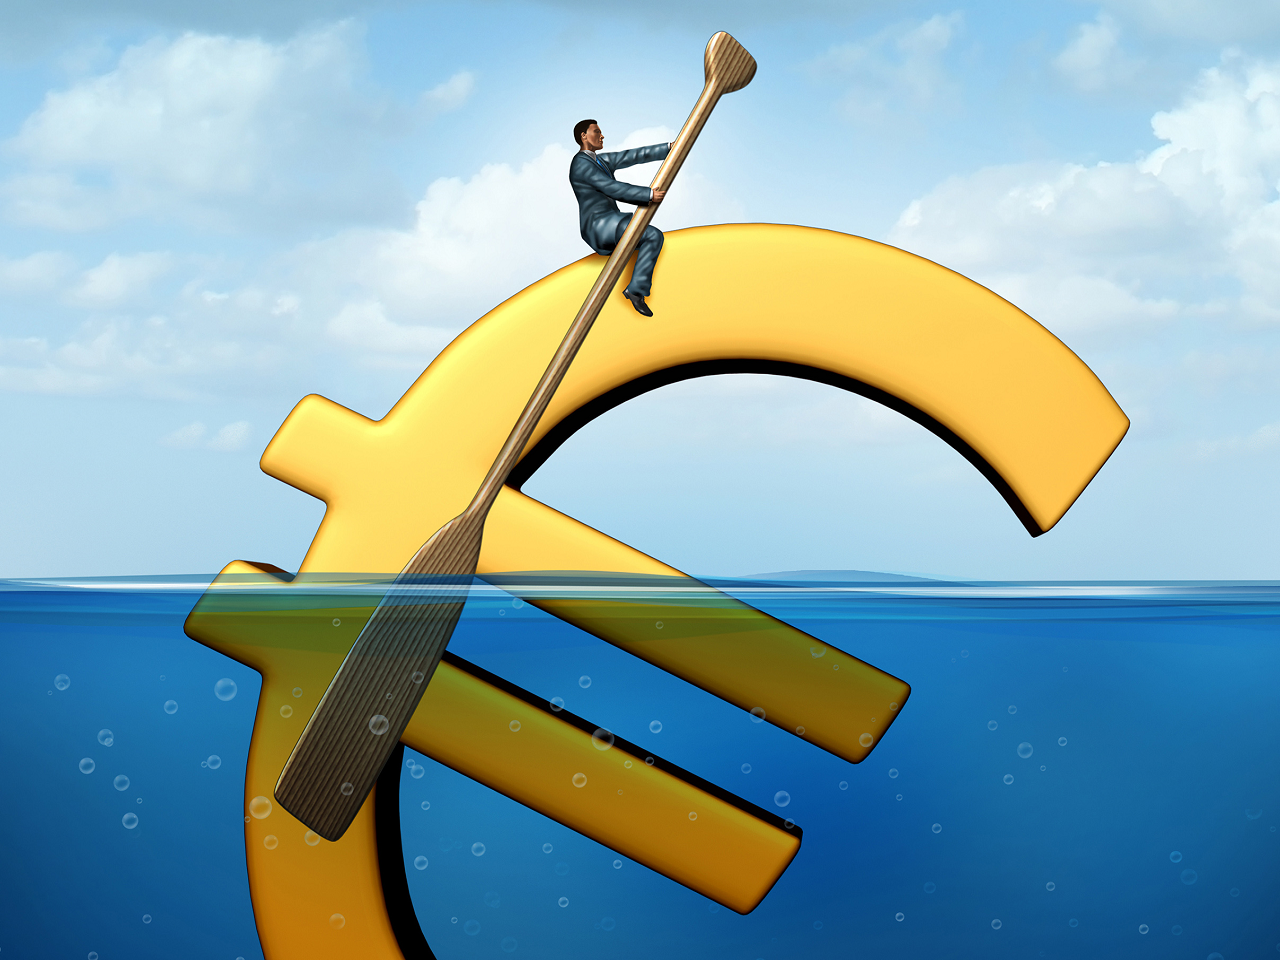 Euro Bölgesindeki Ticari Faaliyetlerde Kasım Ayında Sert Düşüş Yaşanıyor